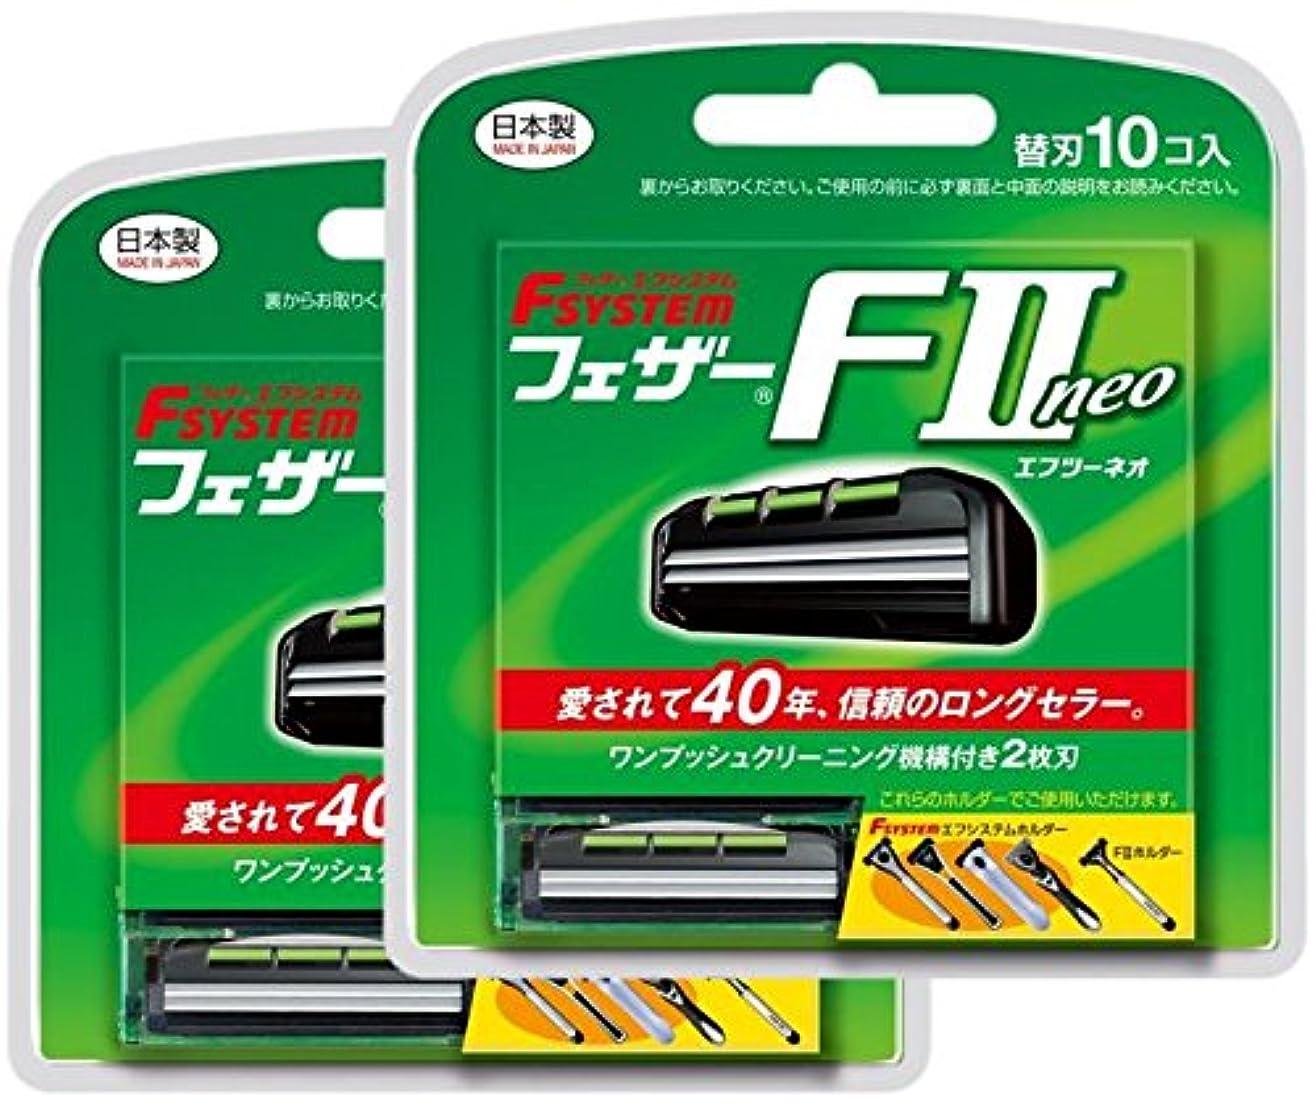 ファイルスポーツマン厚くするフェザー エフシステム 替刃 FIIネオ 10コ入×2個セット